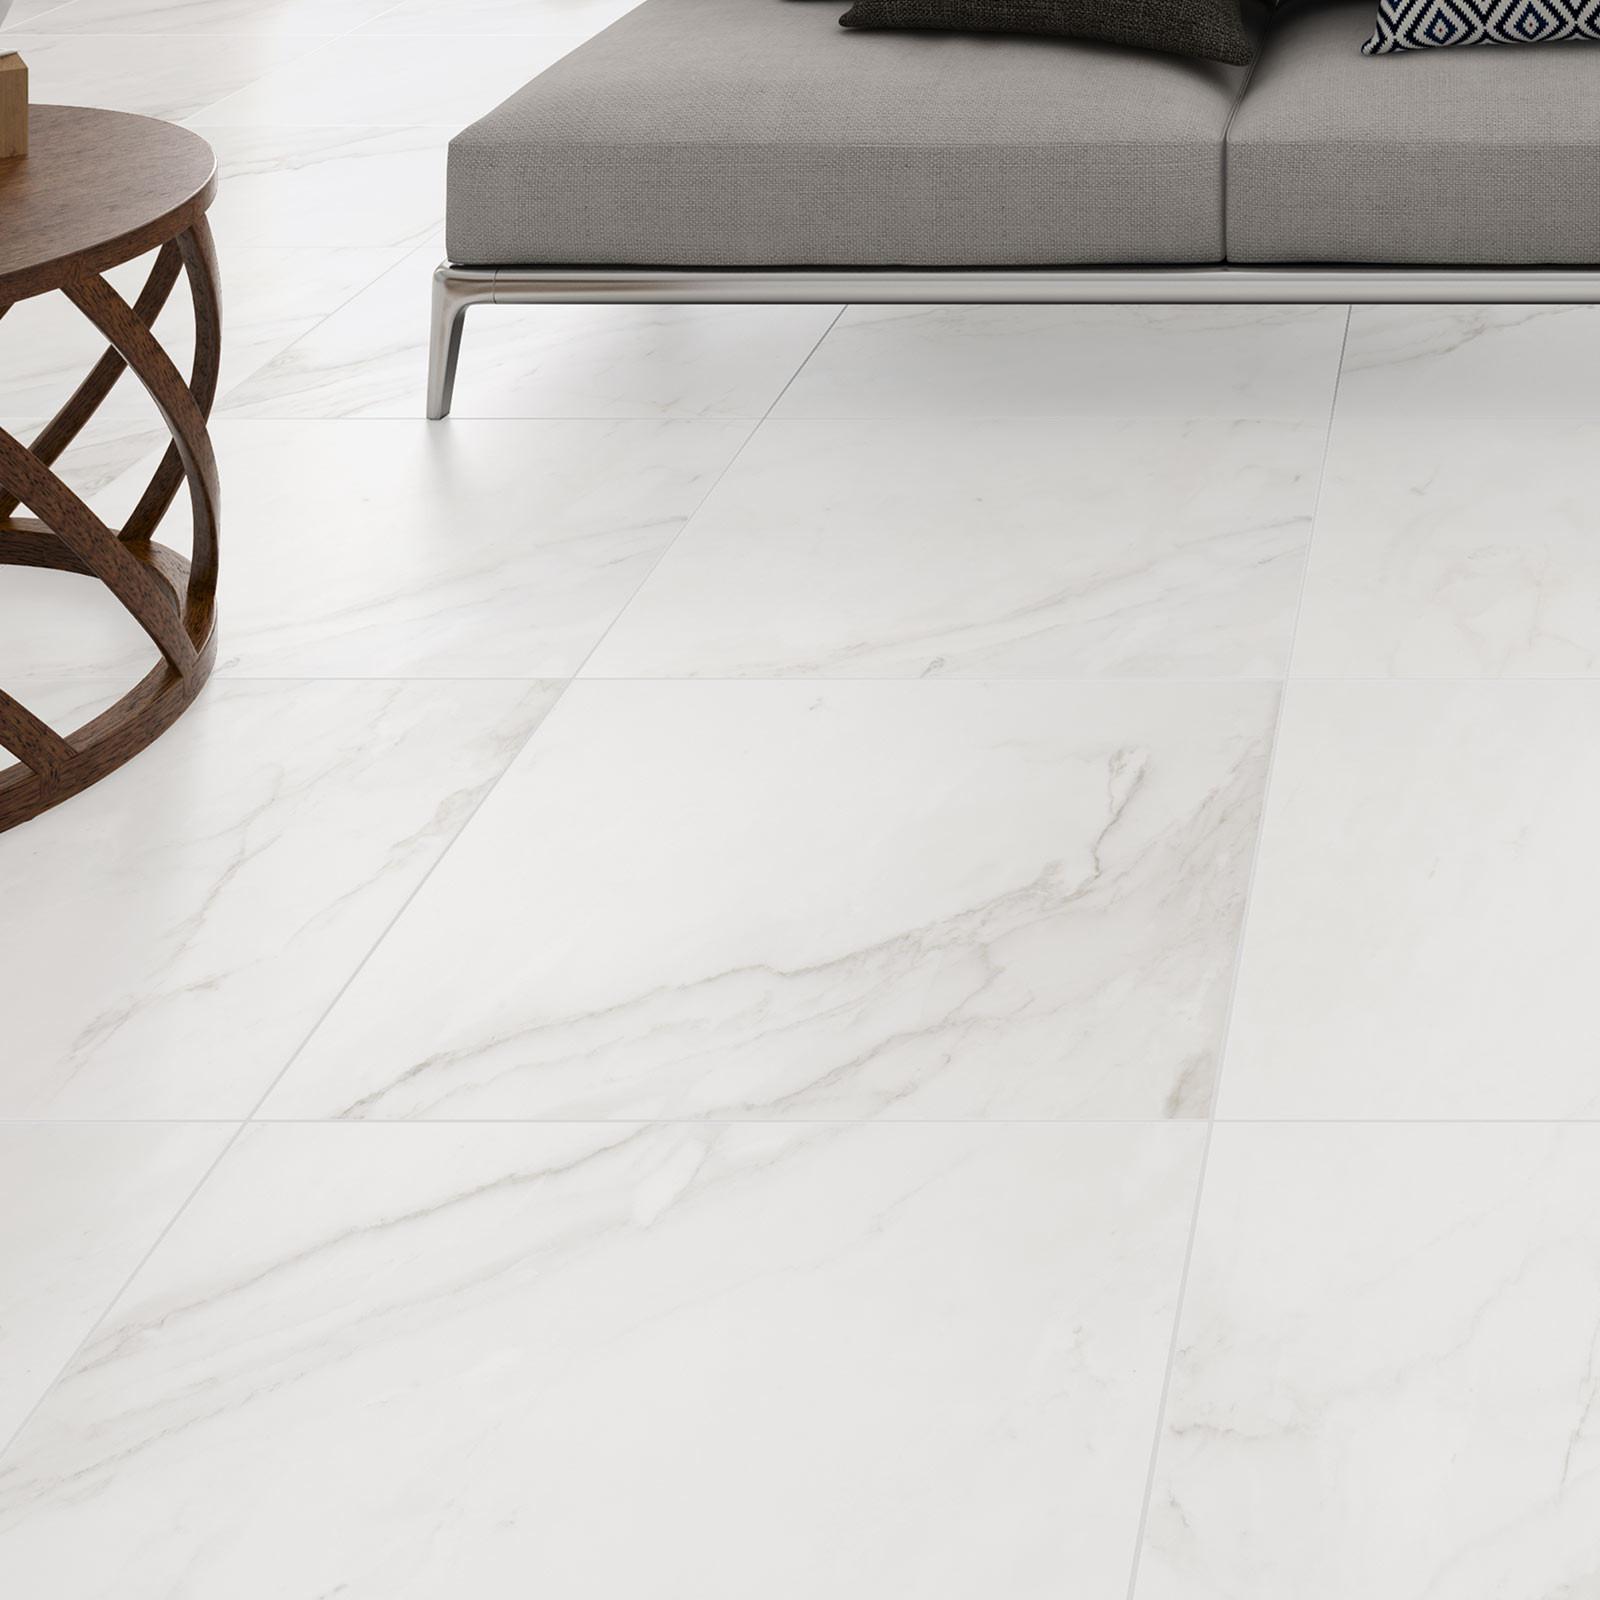 Carrara ceramic tile images tile flooring design ideas carrara ceramic tile choice image tile flooring design ideas oporto carrara glazed porcelain wallfloor tile doublecrazyfo doublecrazyfo Choice Image